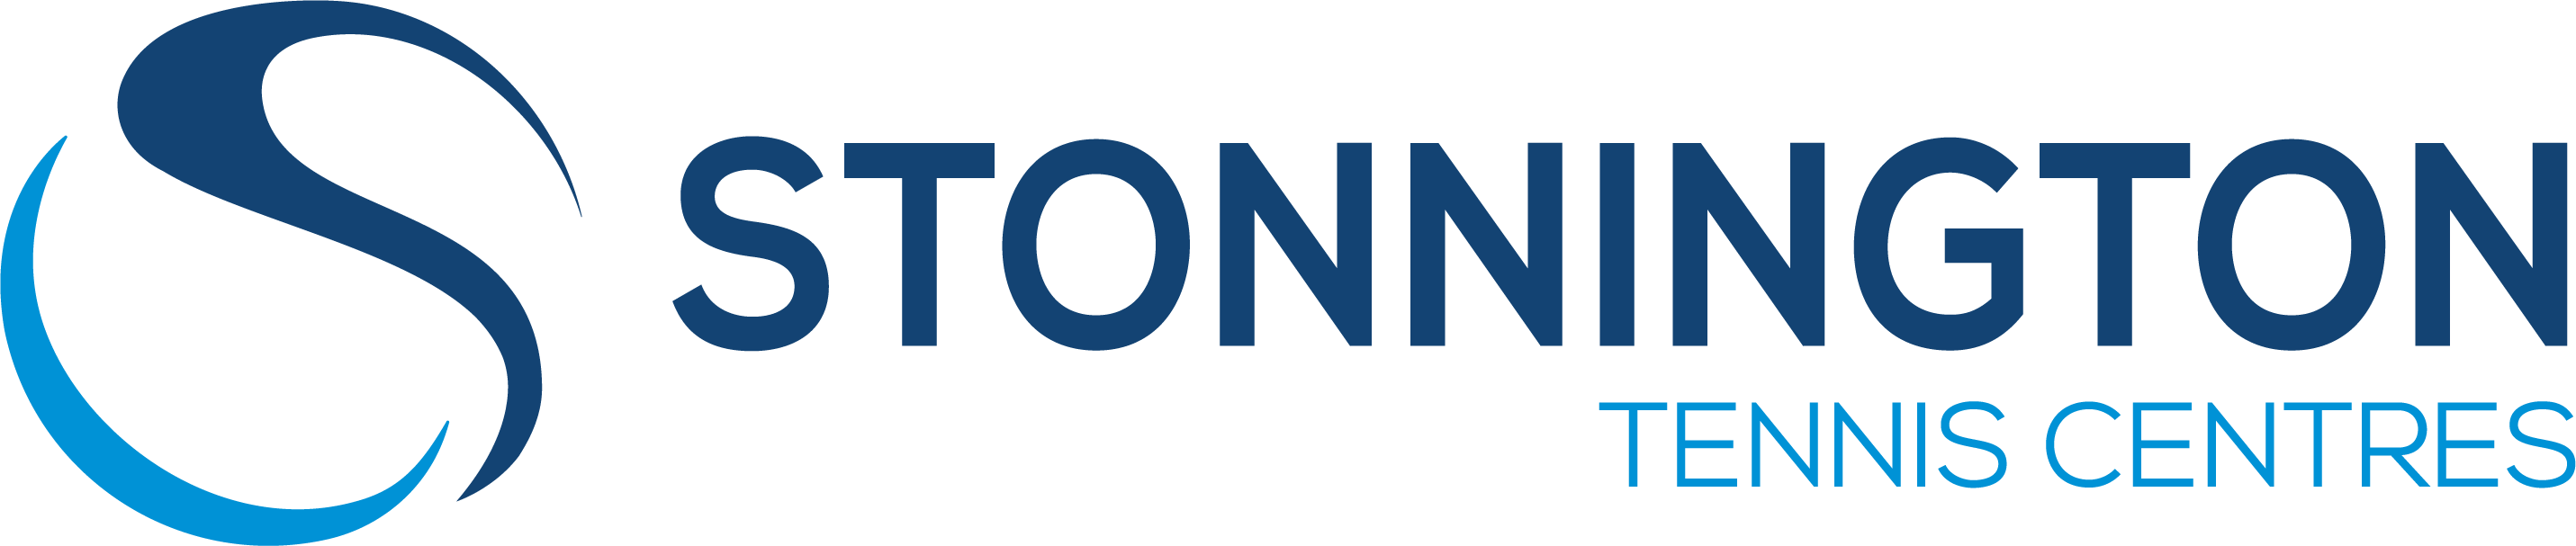 Ston Logo